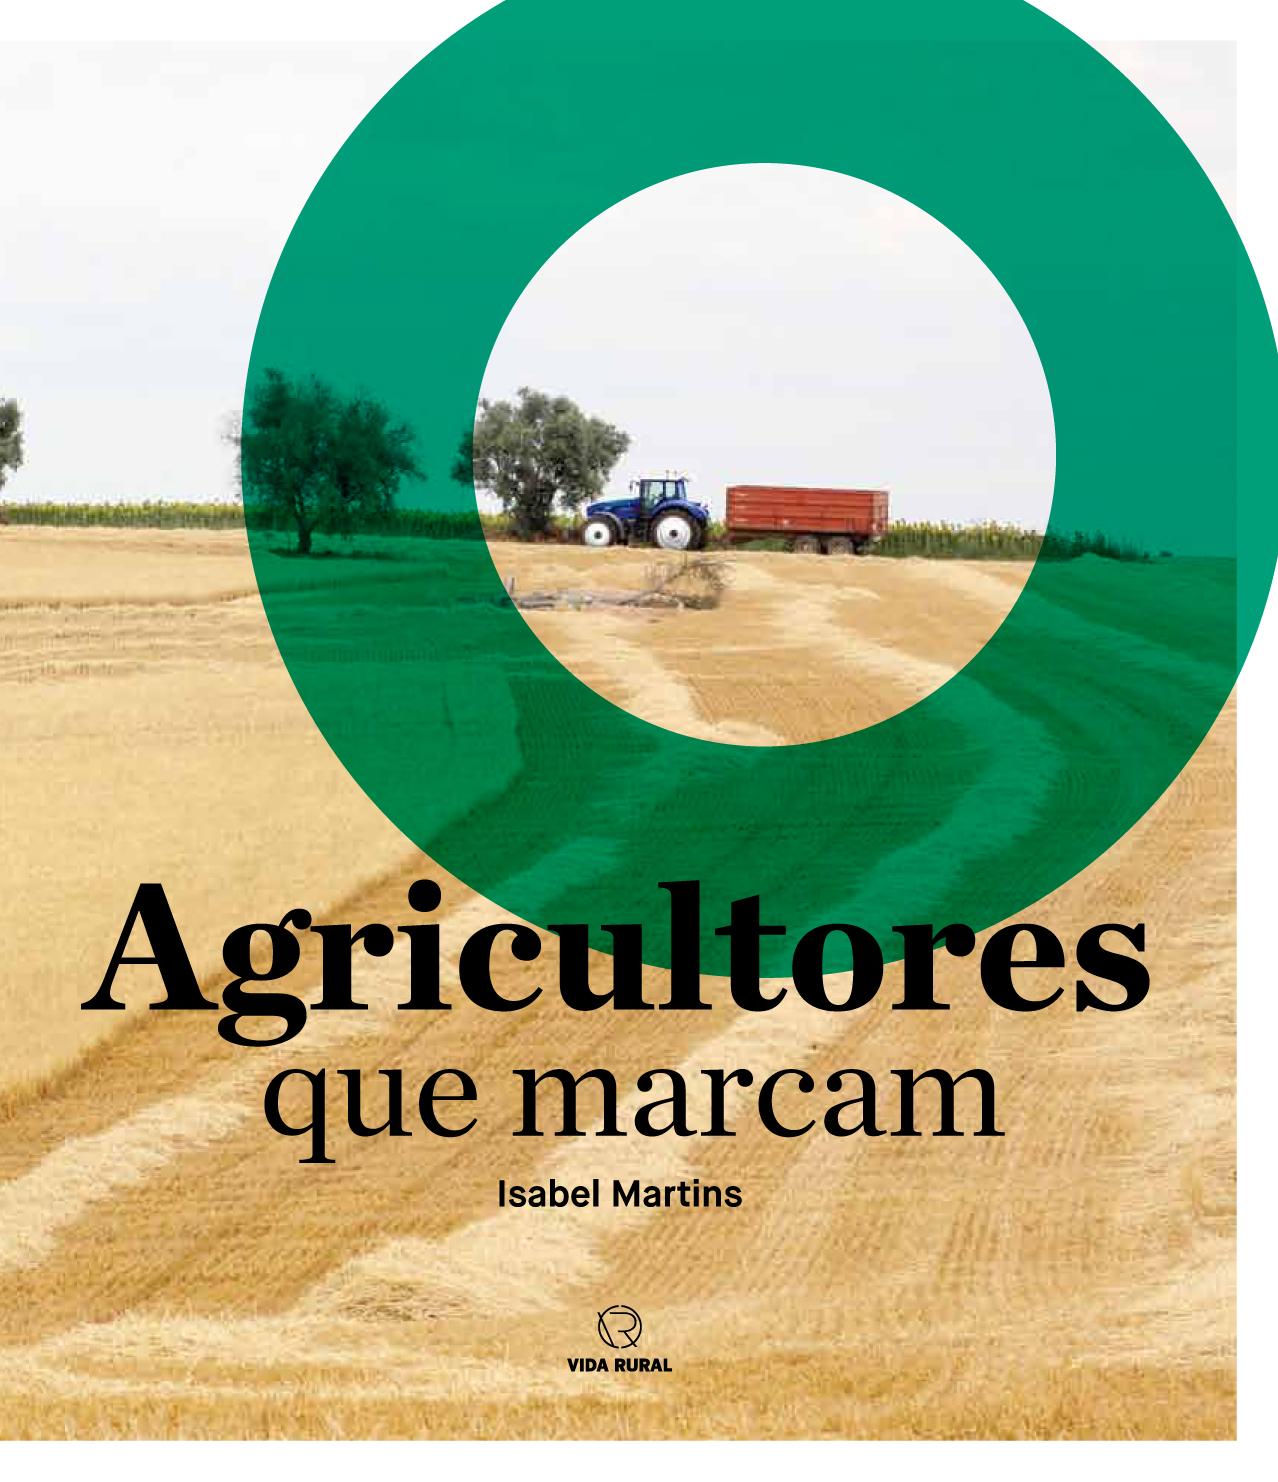 http://www.cantinhodasaromaticas.pt/loja/livros/agricultores-que-marcam/